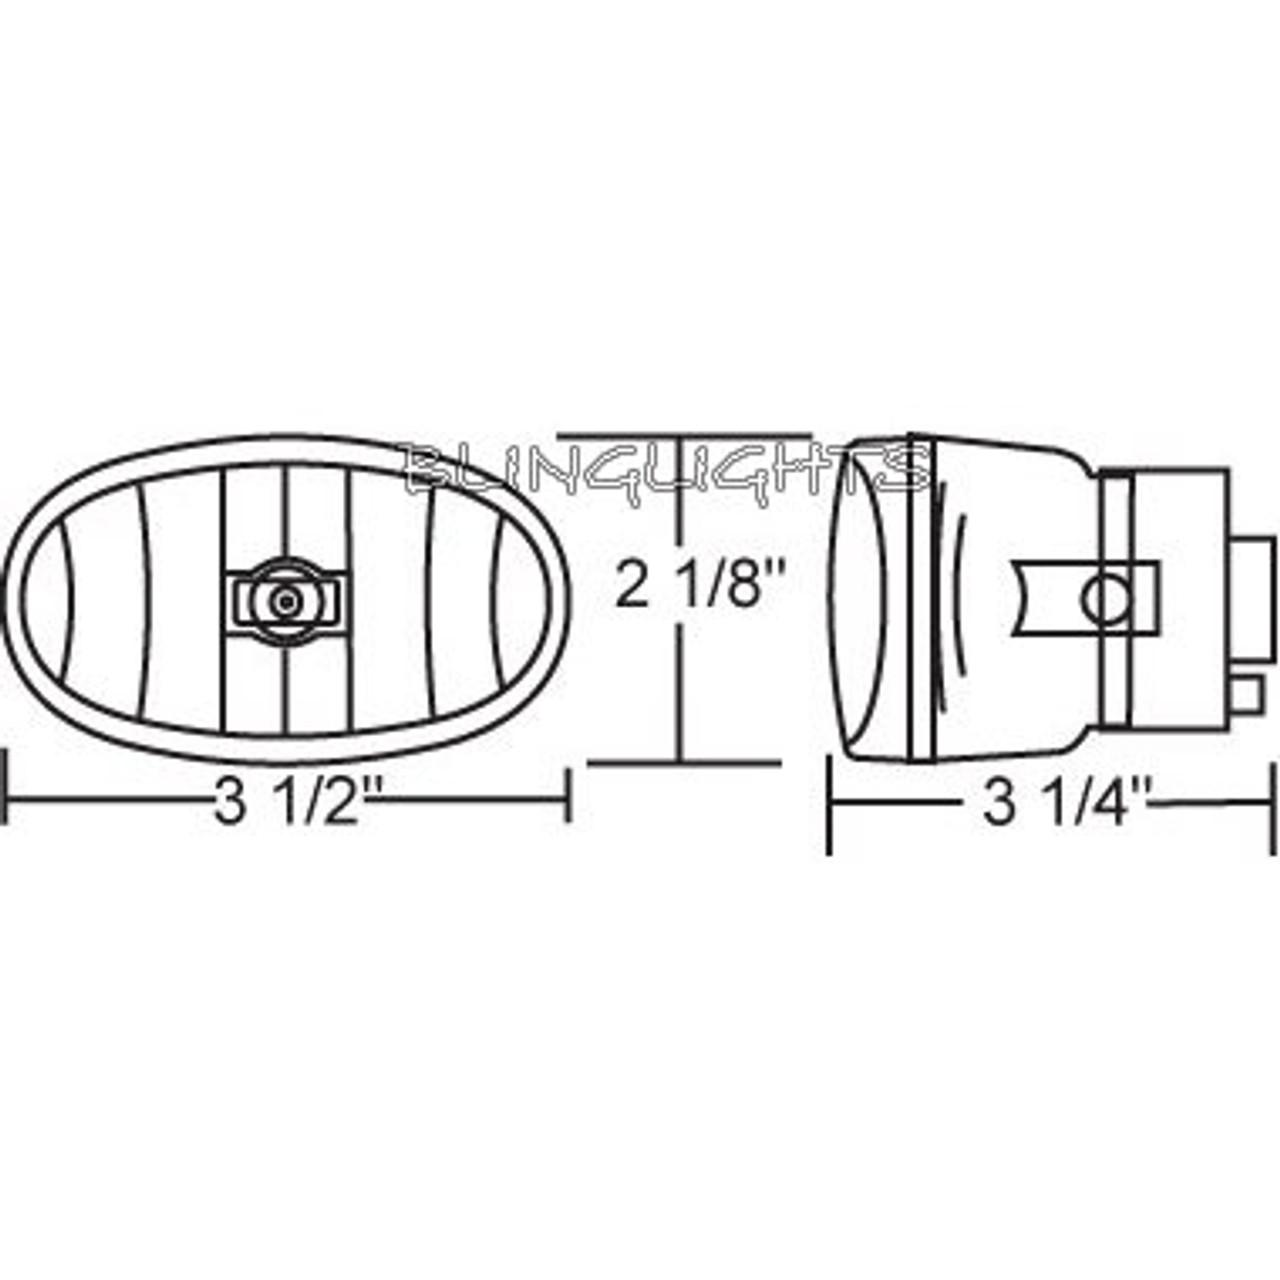 yamaha tdm 850 wiring diagram wiring diagramyamaha tdm 850 wiring diagram [ 1280 x 1280 Pixel ]